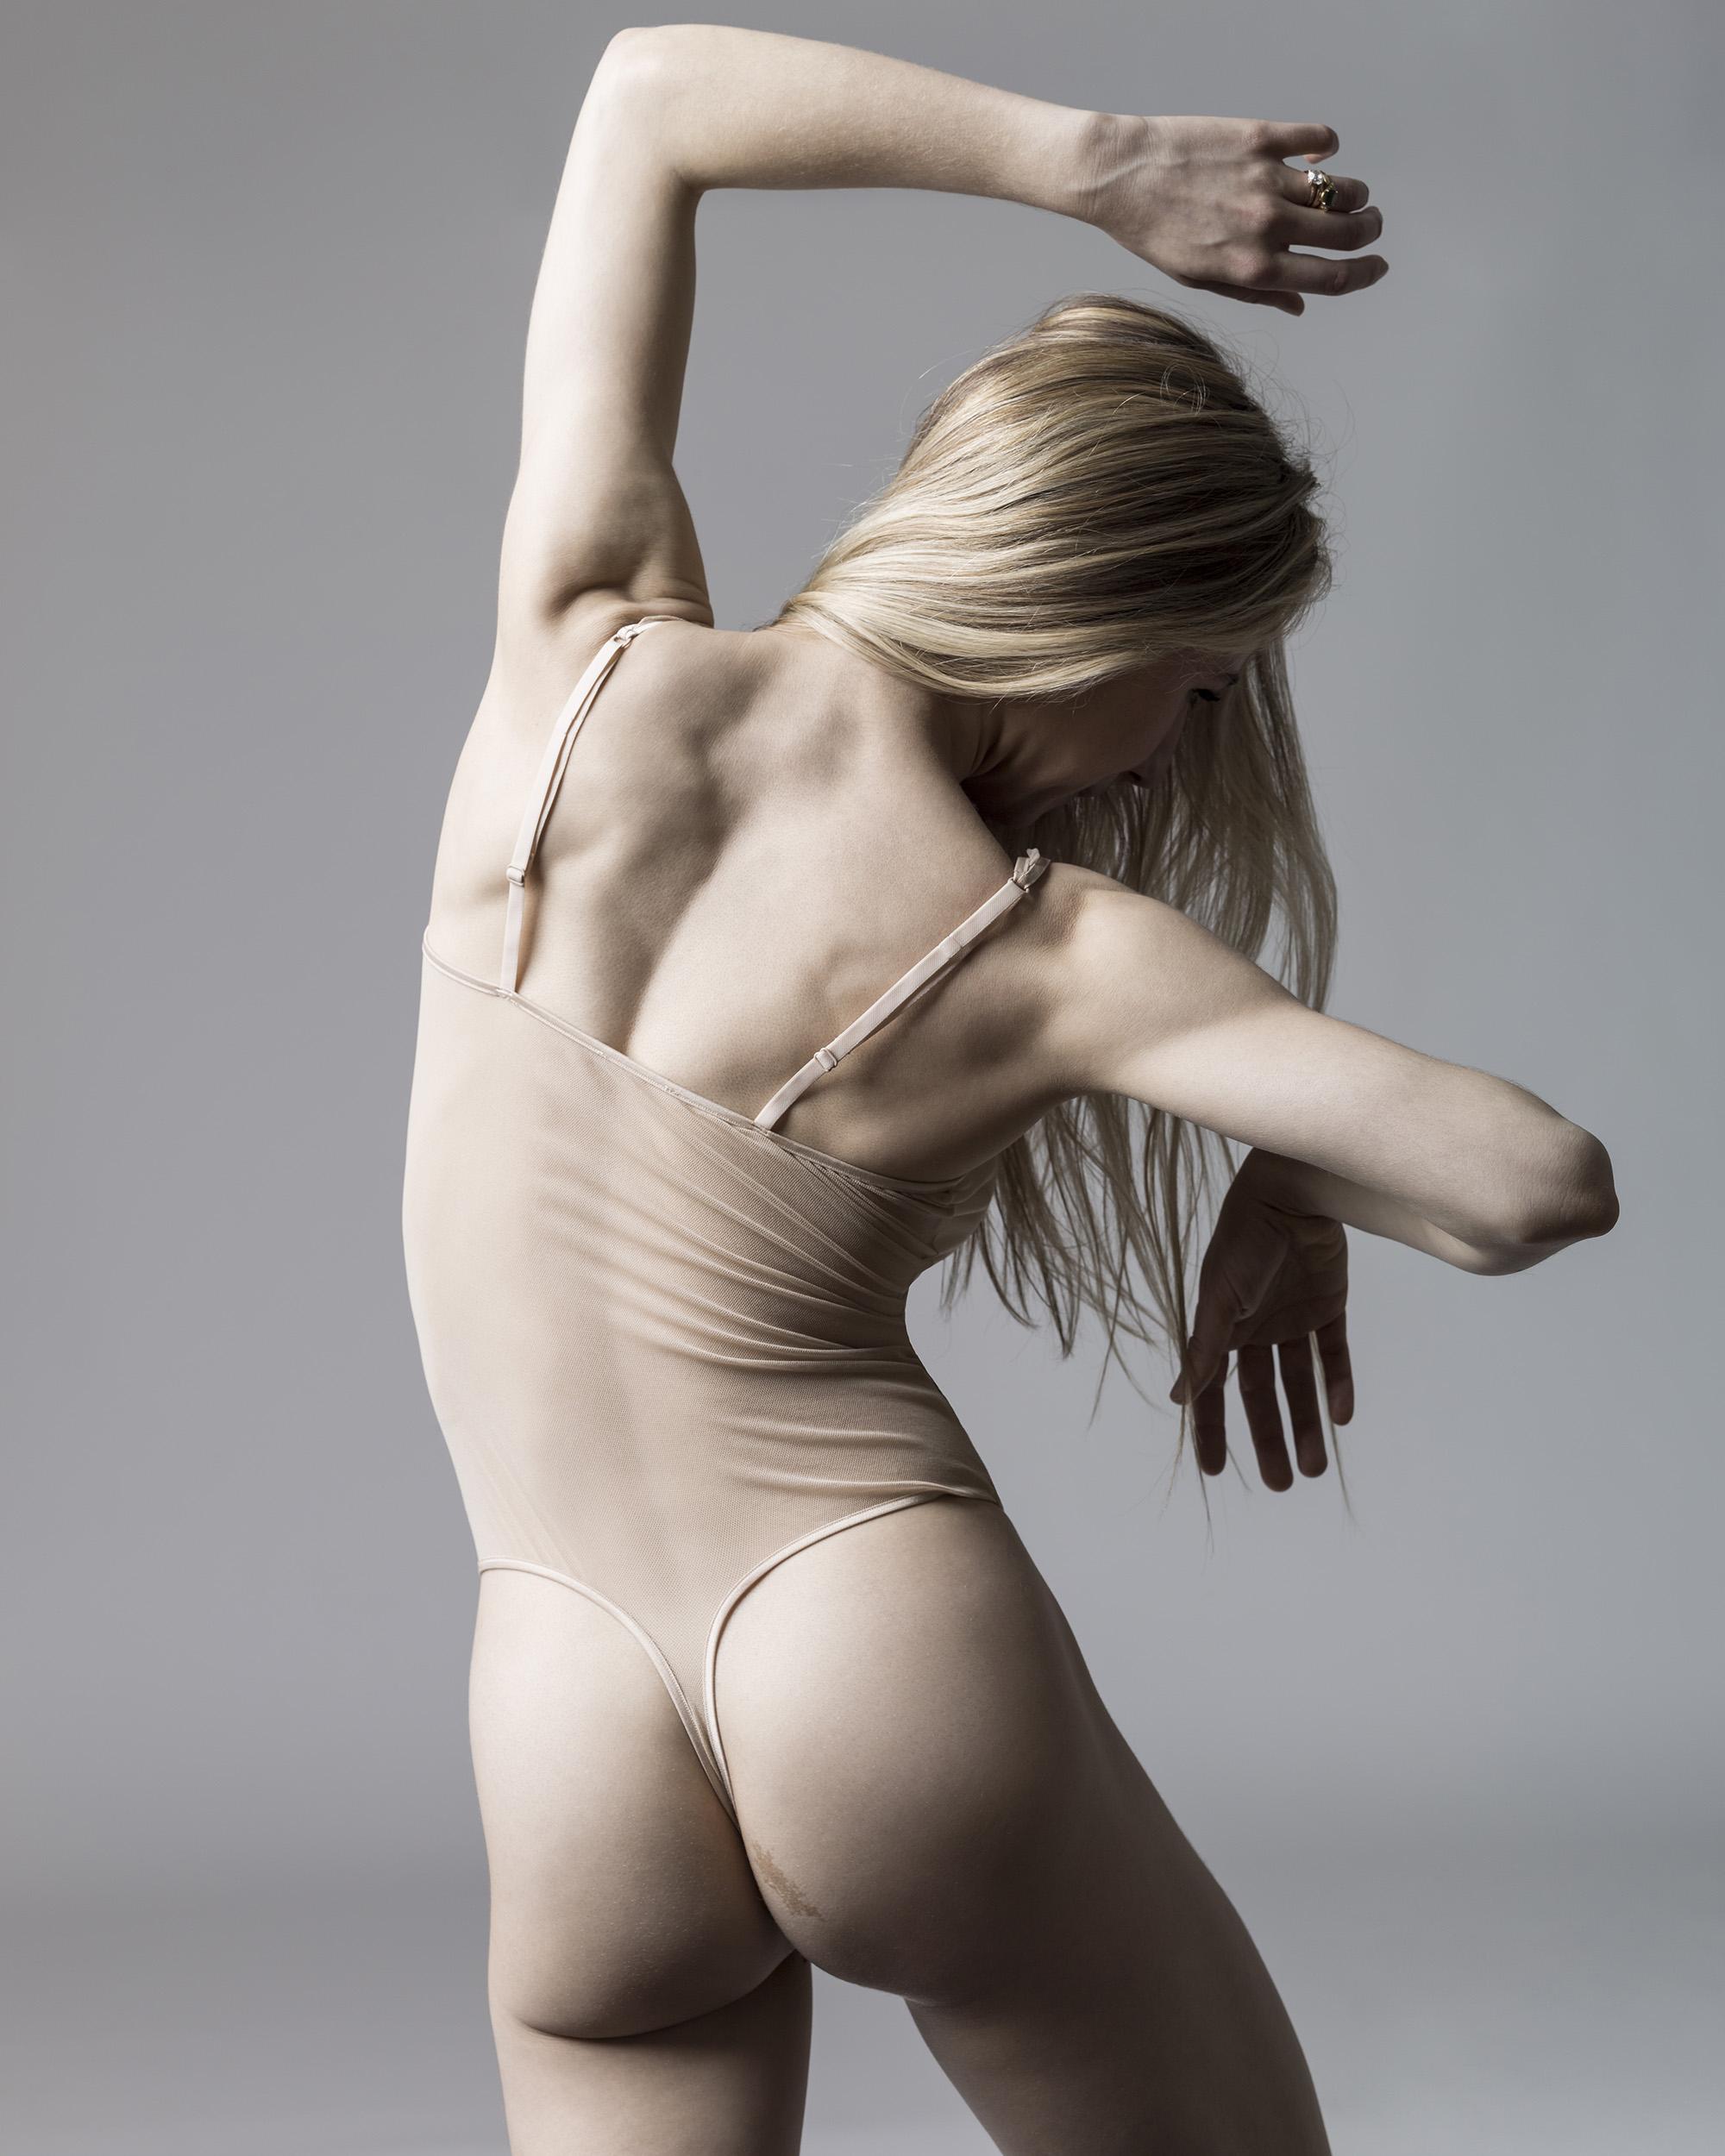 BalletApt-0306201776466-s.jpg